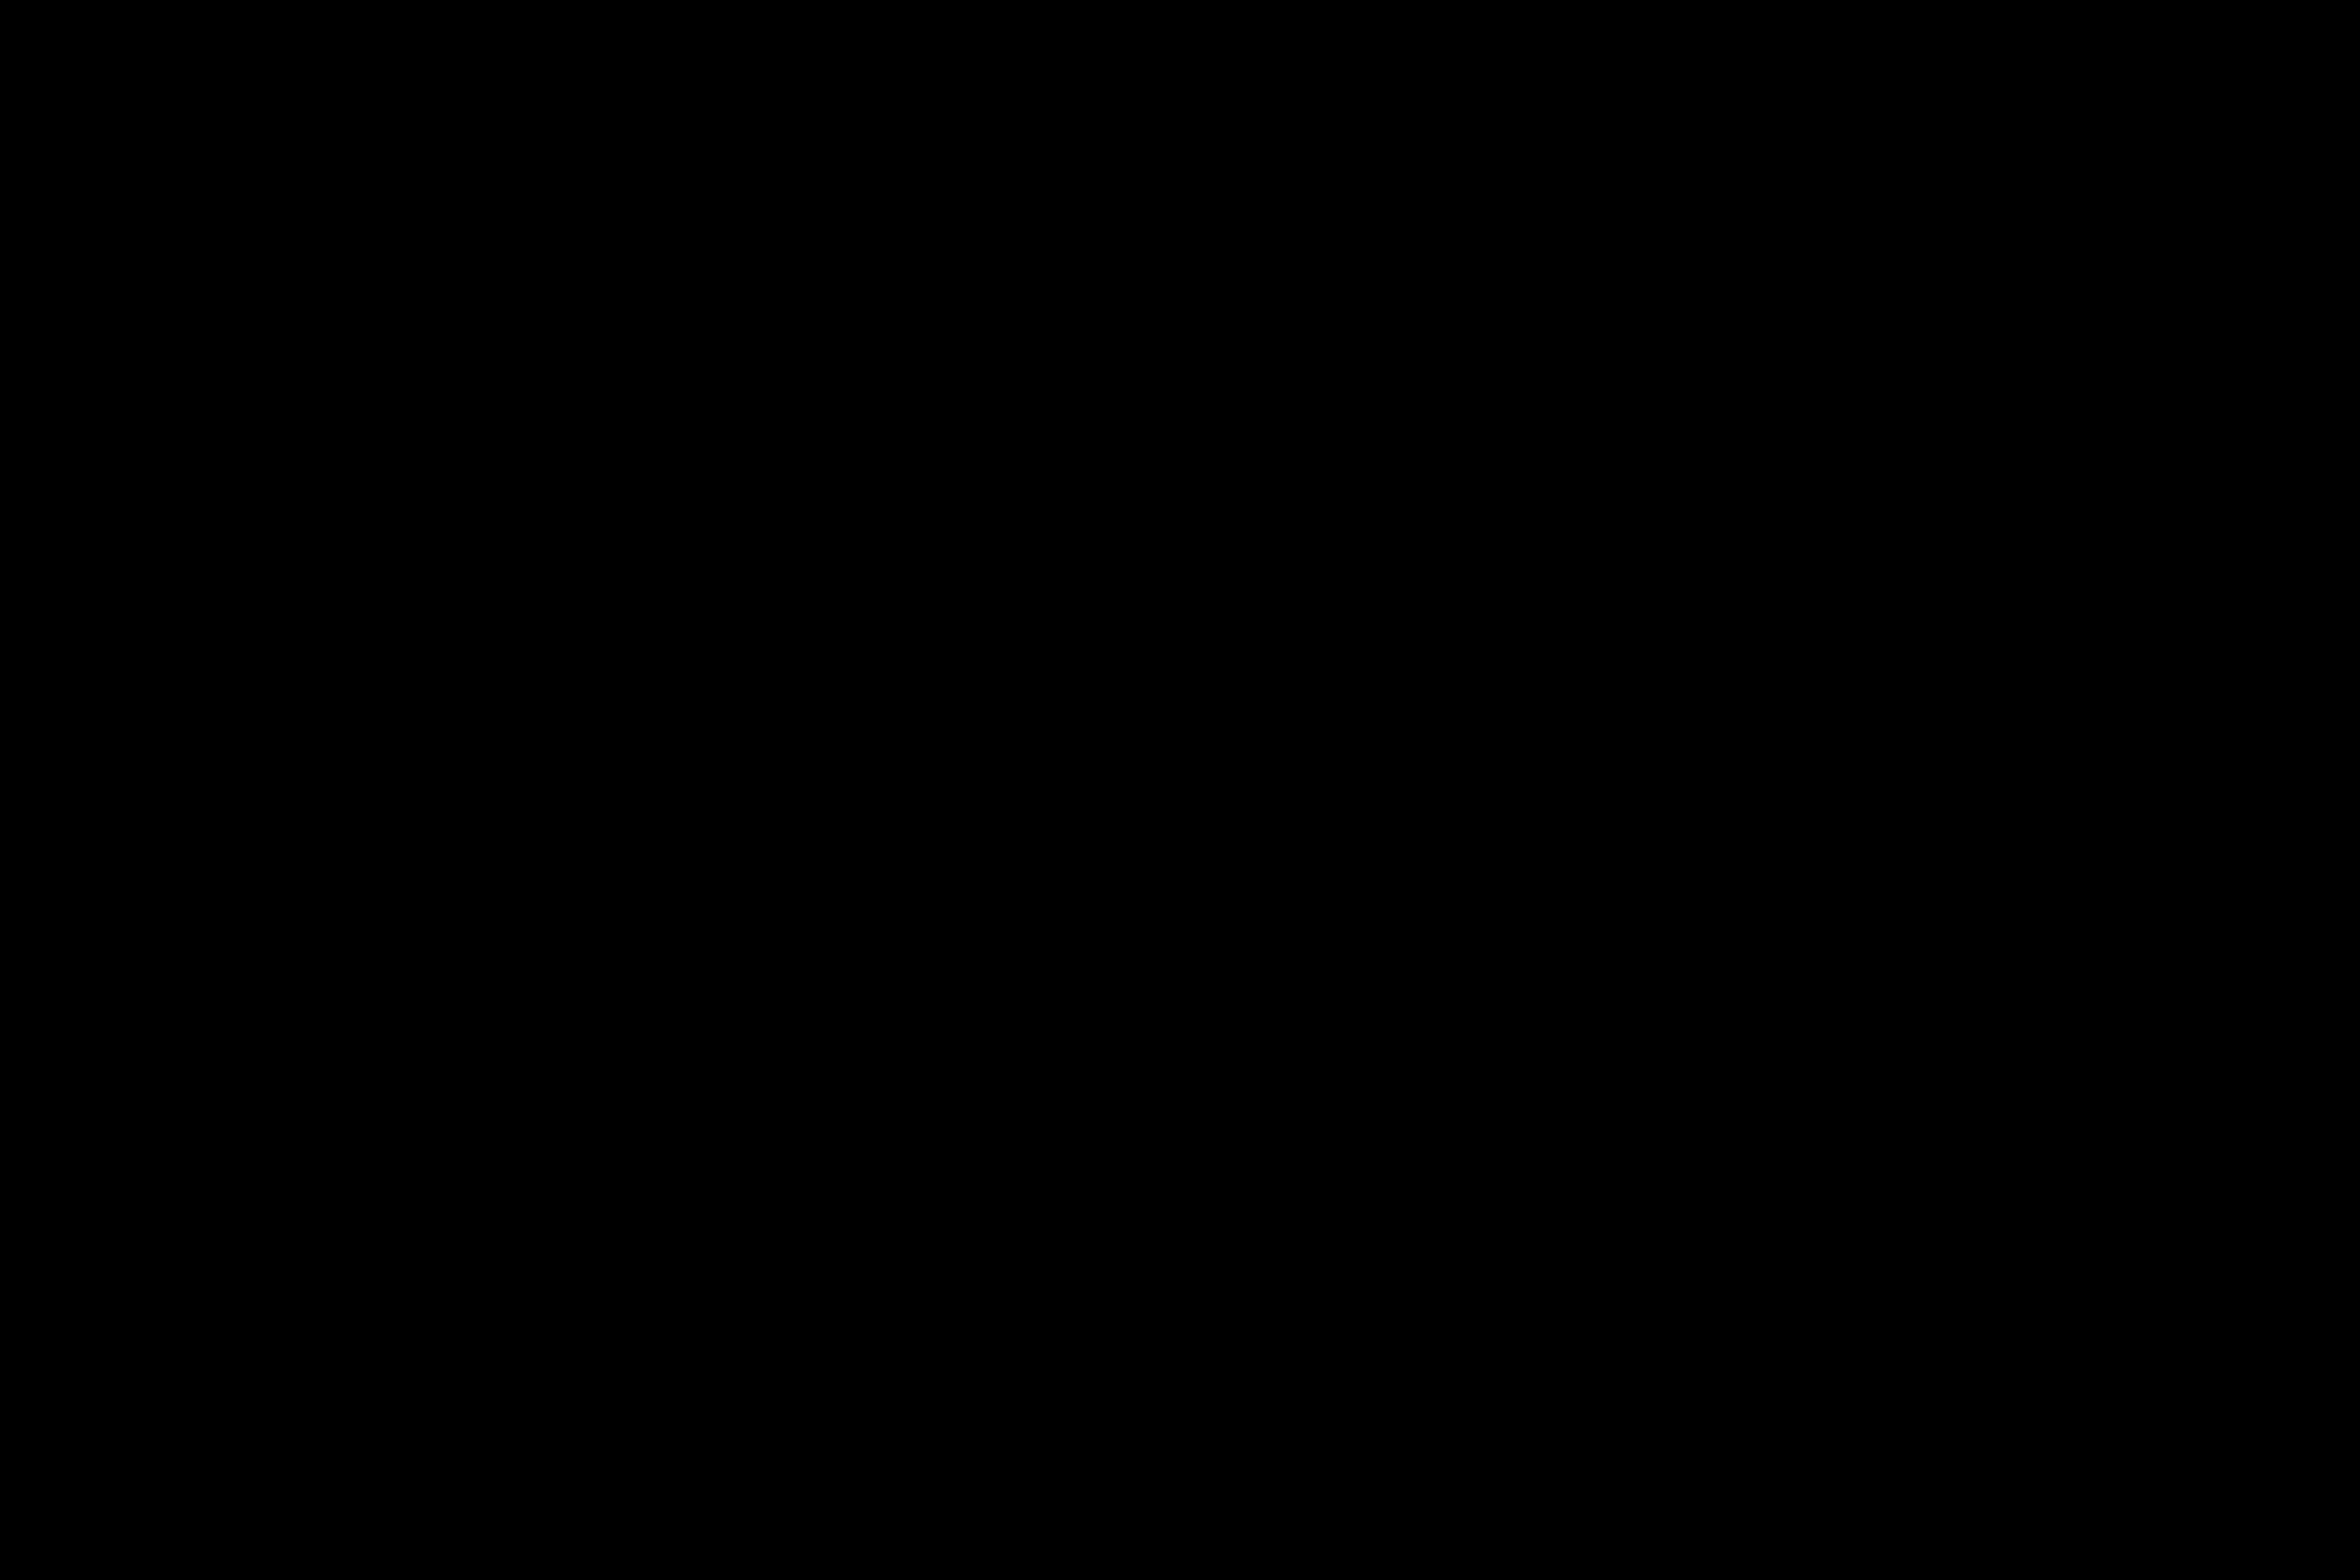 Porsche_Design-Logo